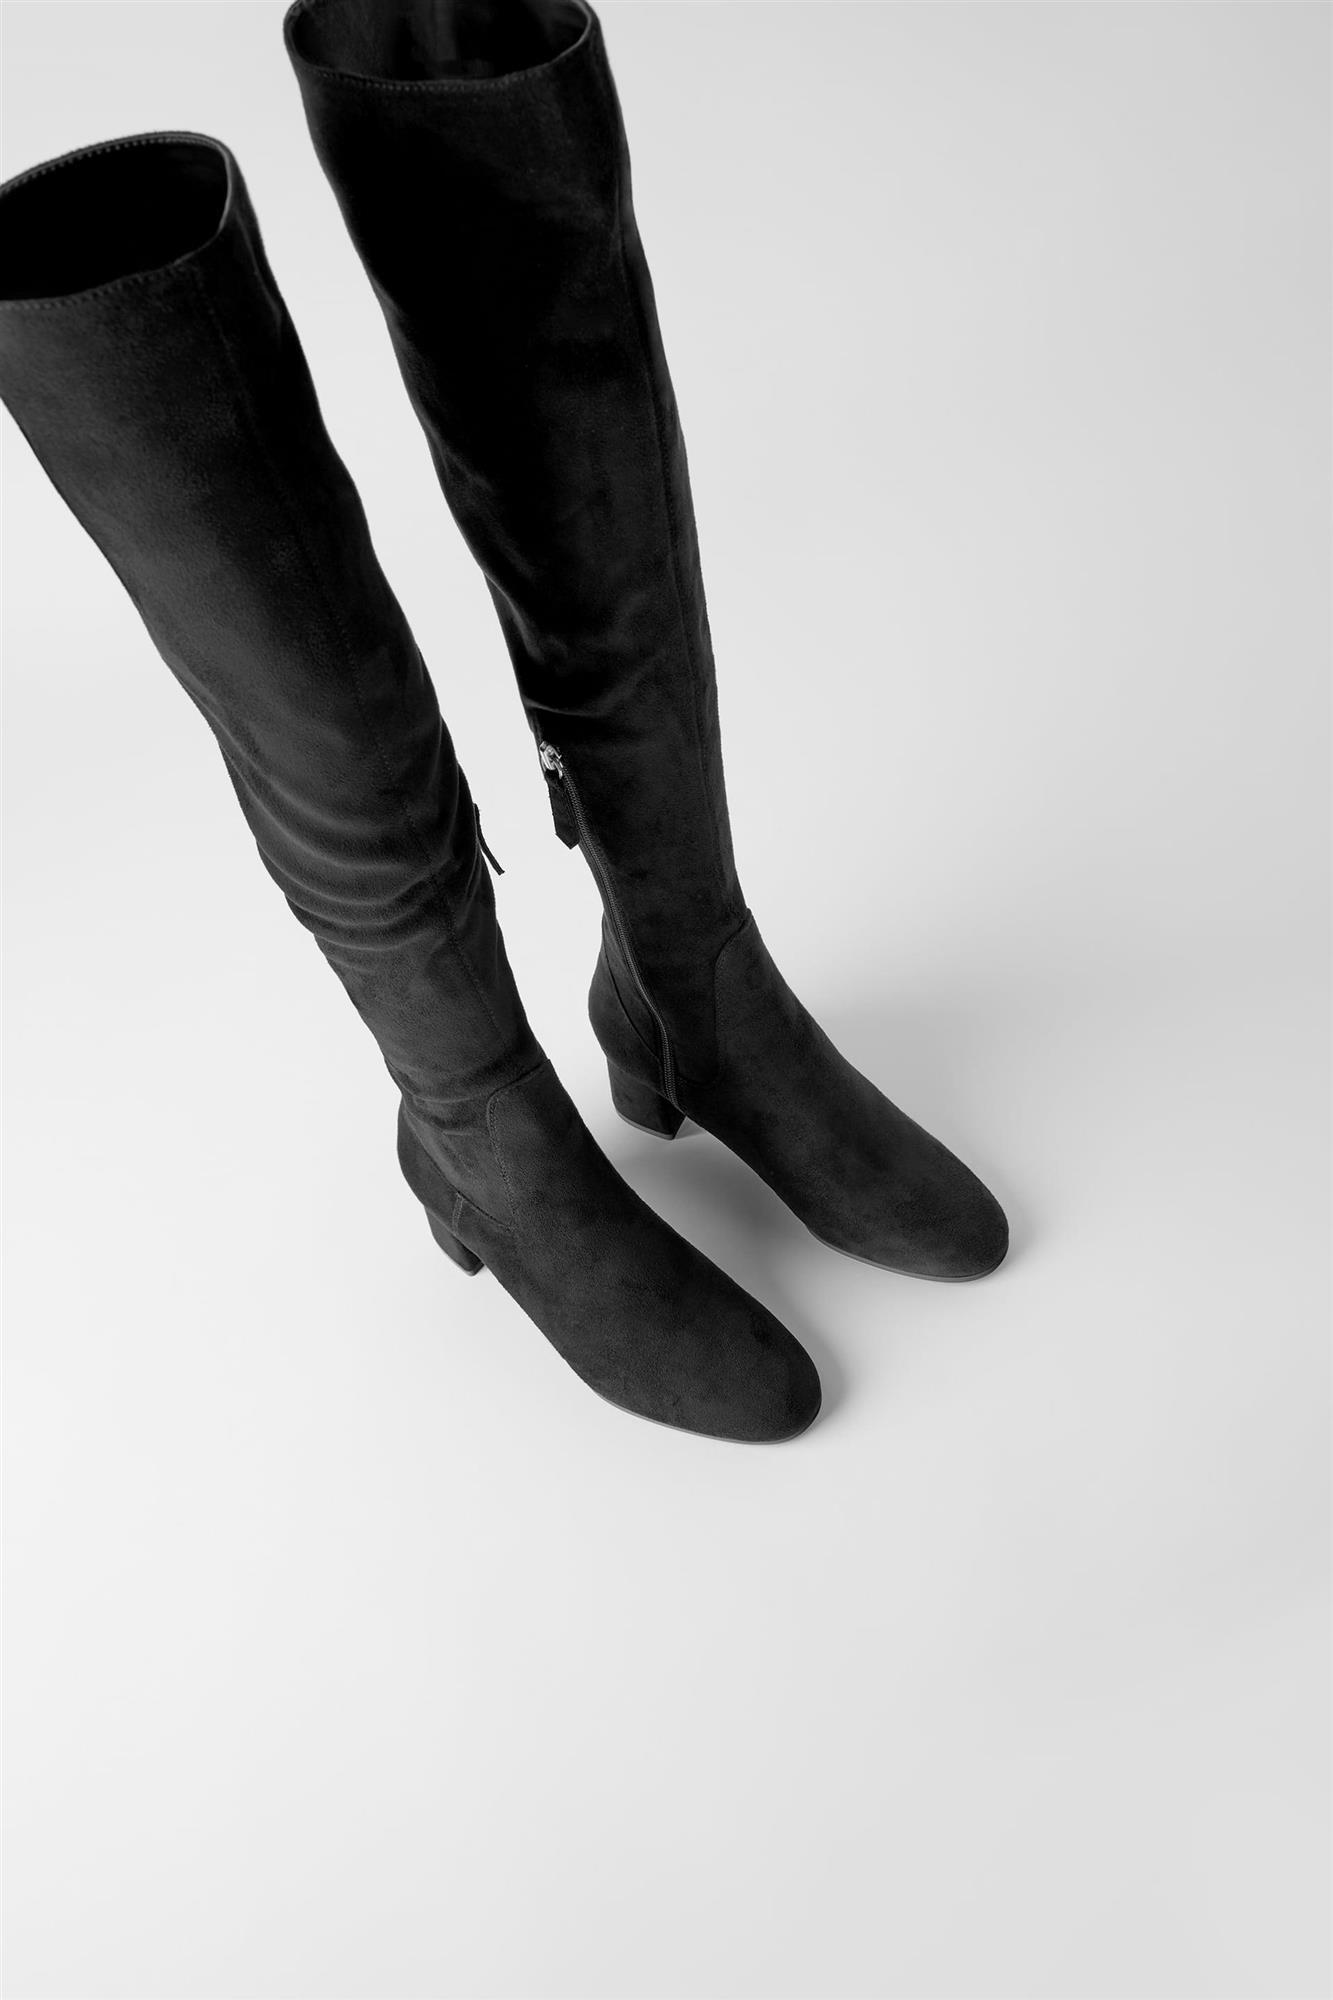 botines invierno Botas otoño moda de y 40 201920 baratas 76fgyYb